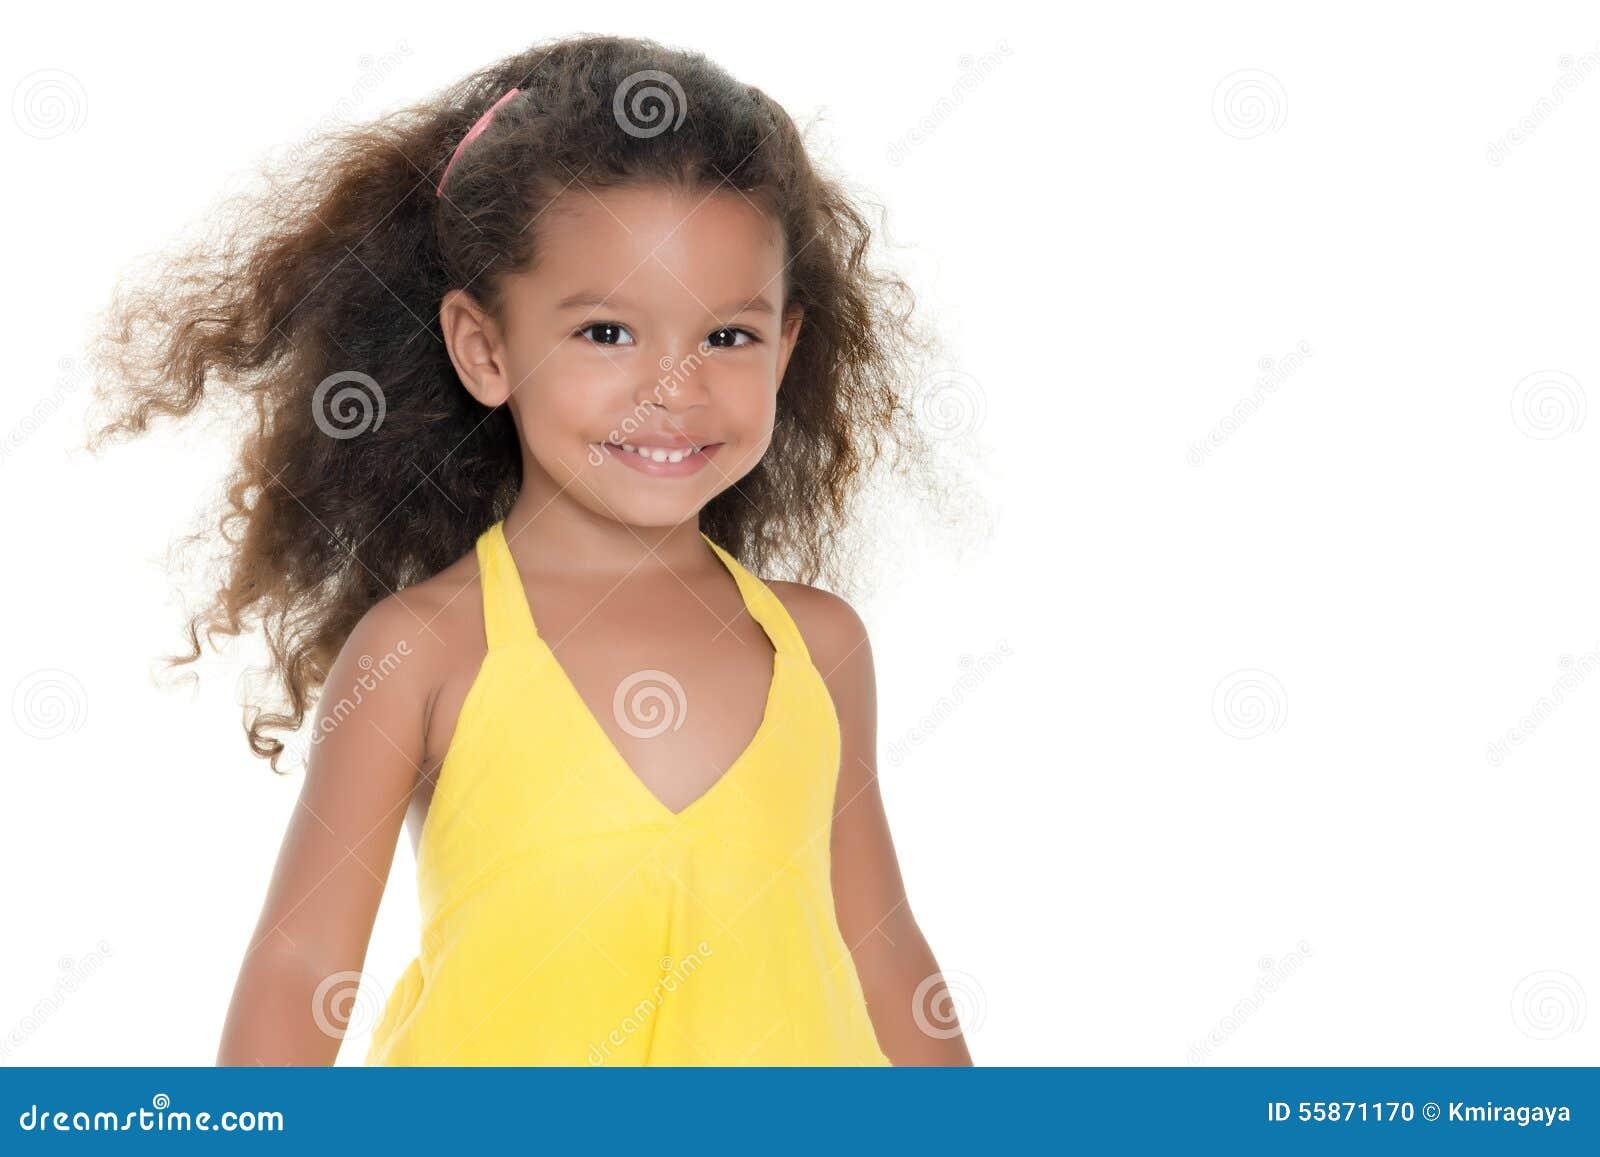 wit meisje interracial dating